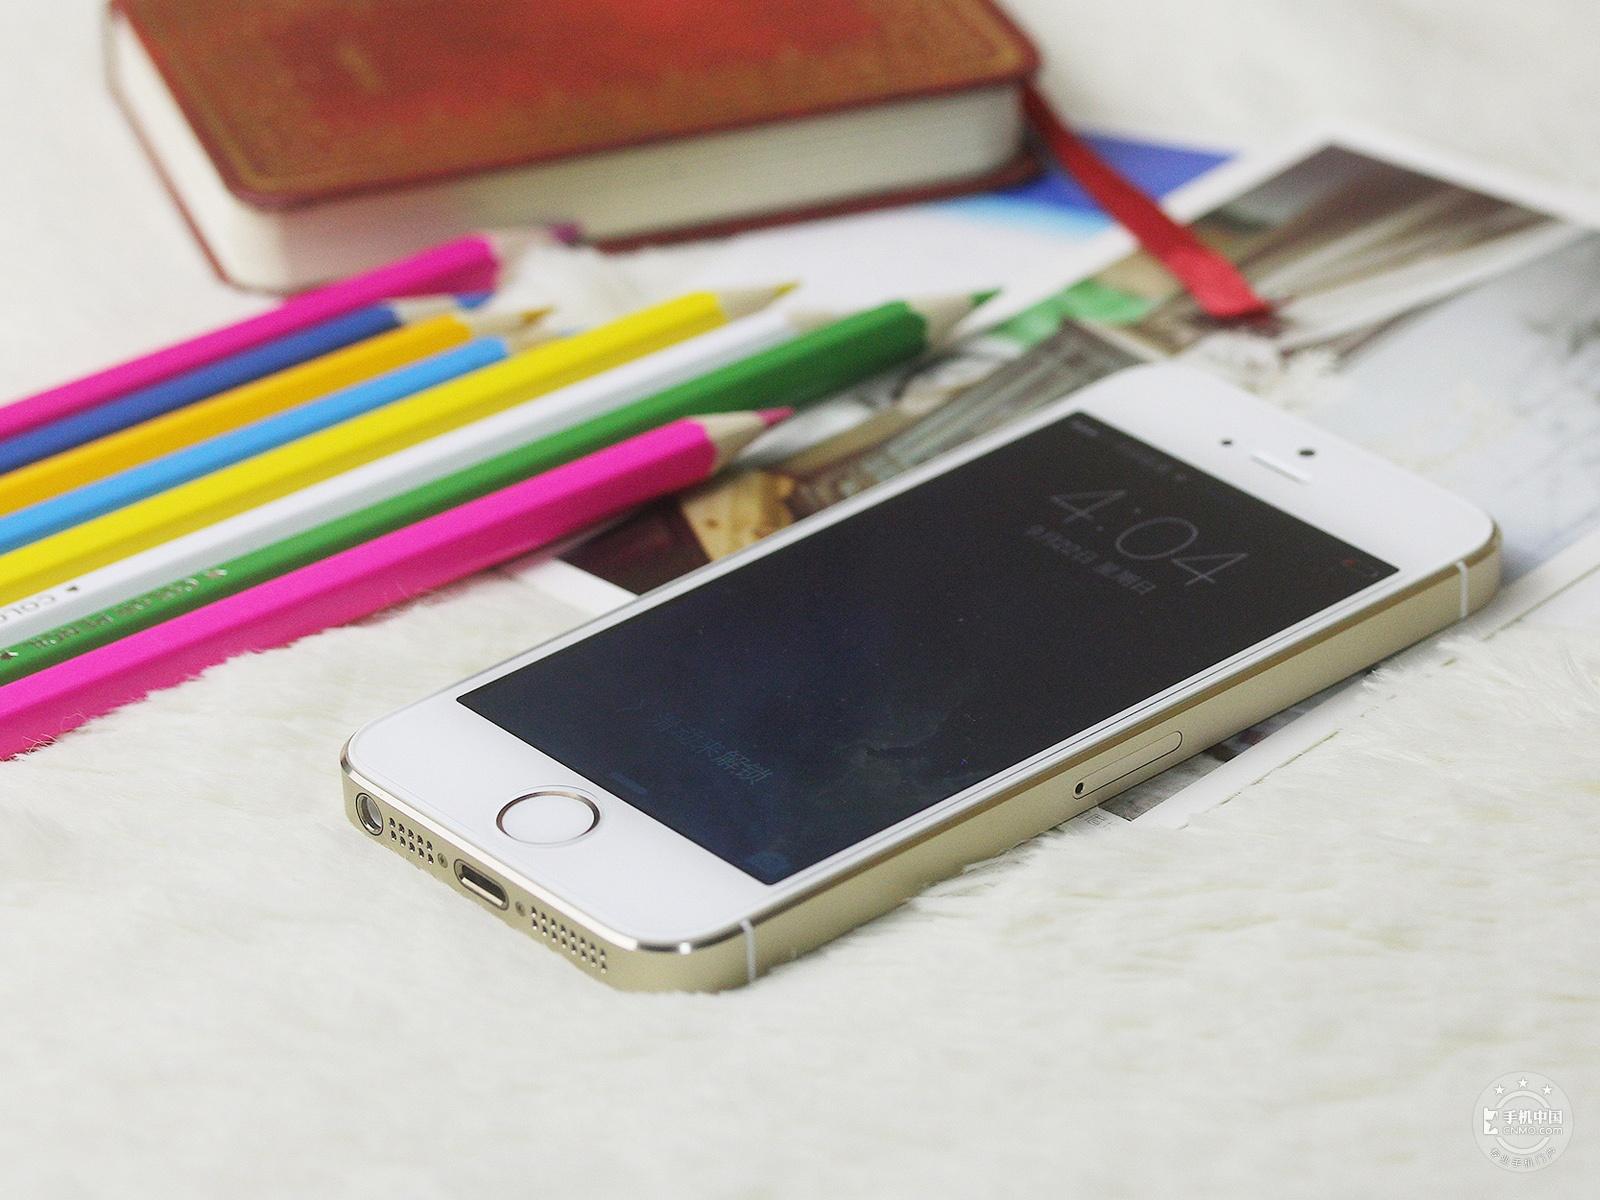 苹果iPhone5s(电信版)整体外观第5张